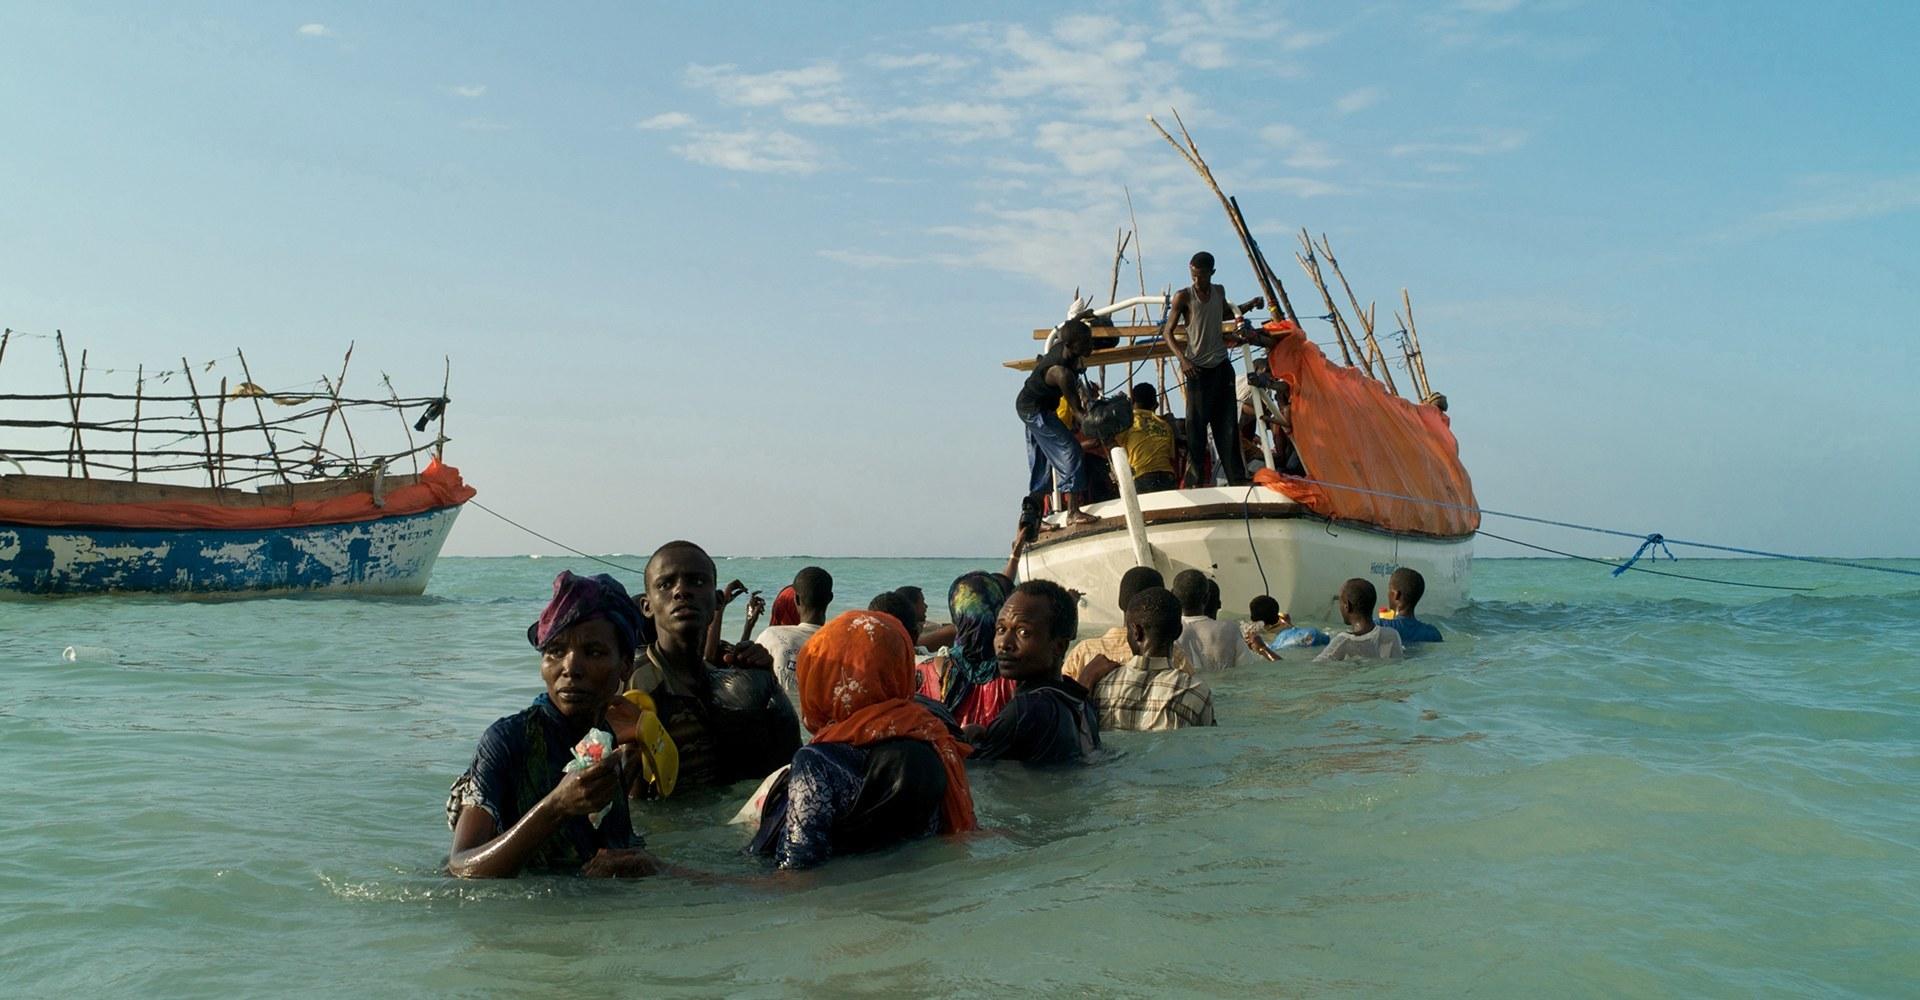 Alixandra Fazzina: Visualizing Migration